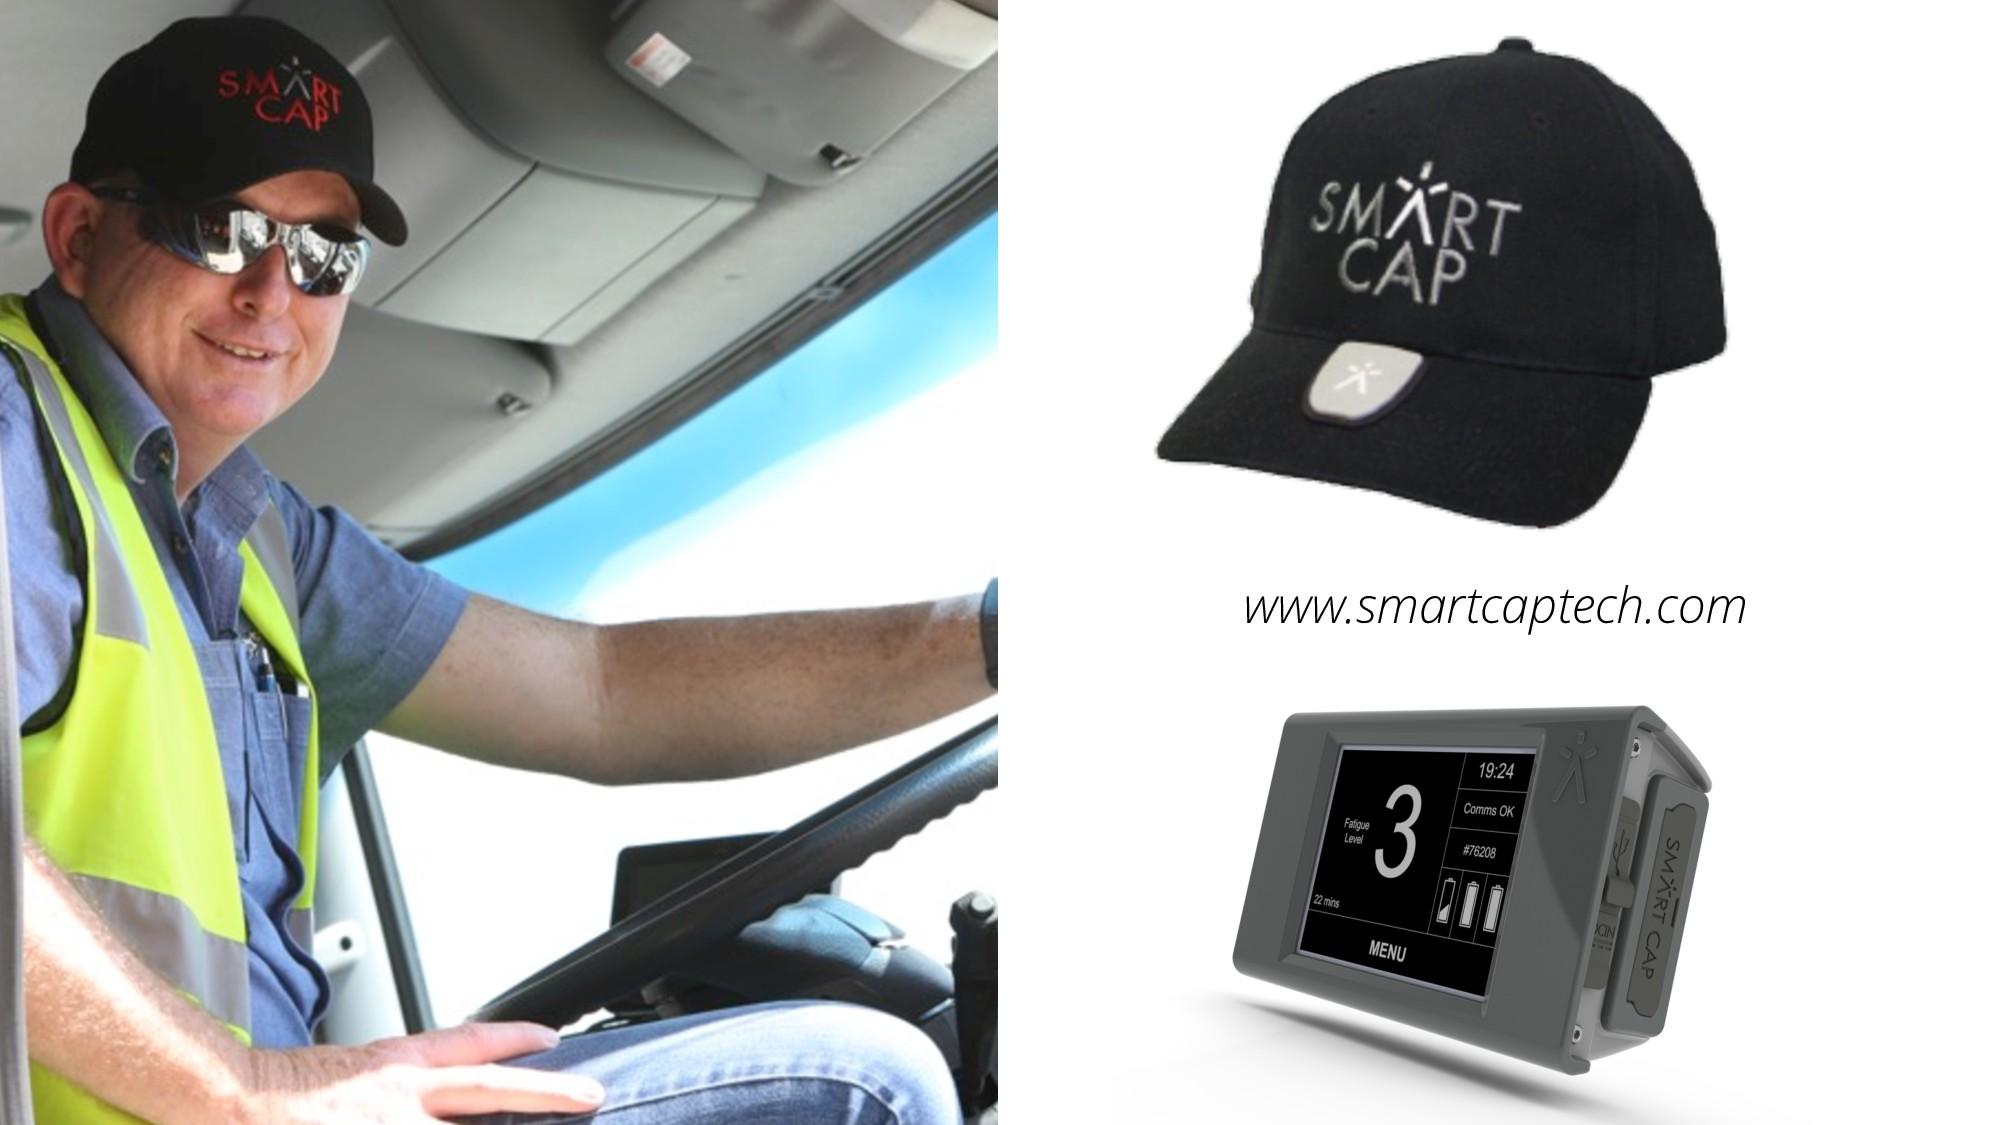 www.smartcaptech.com